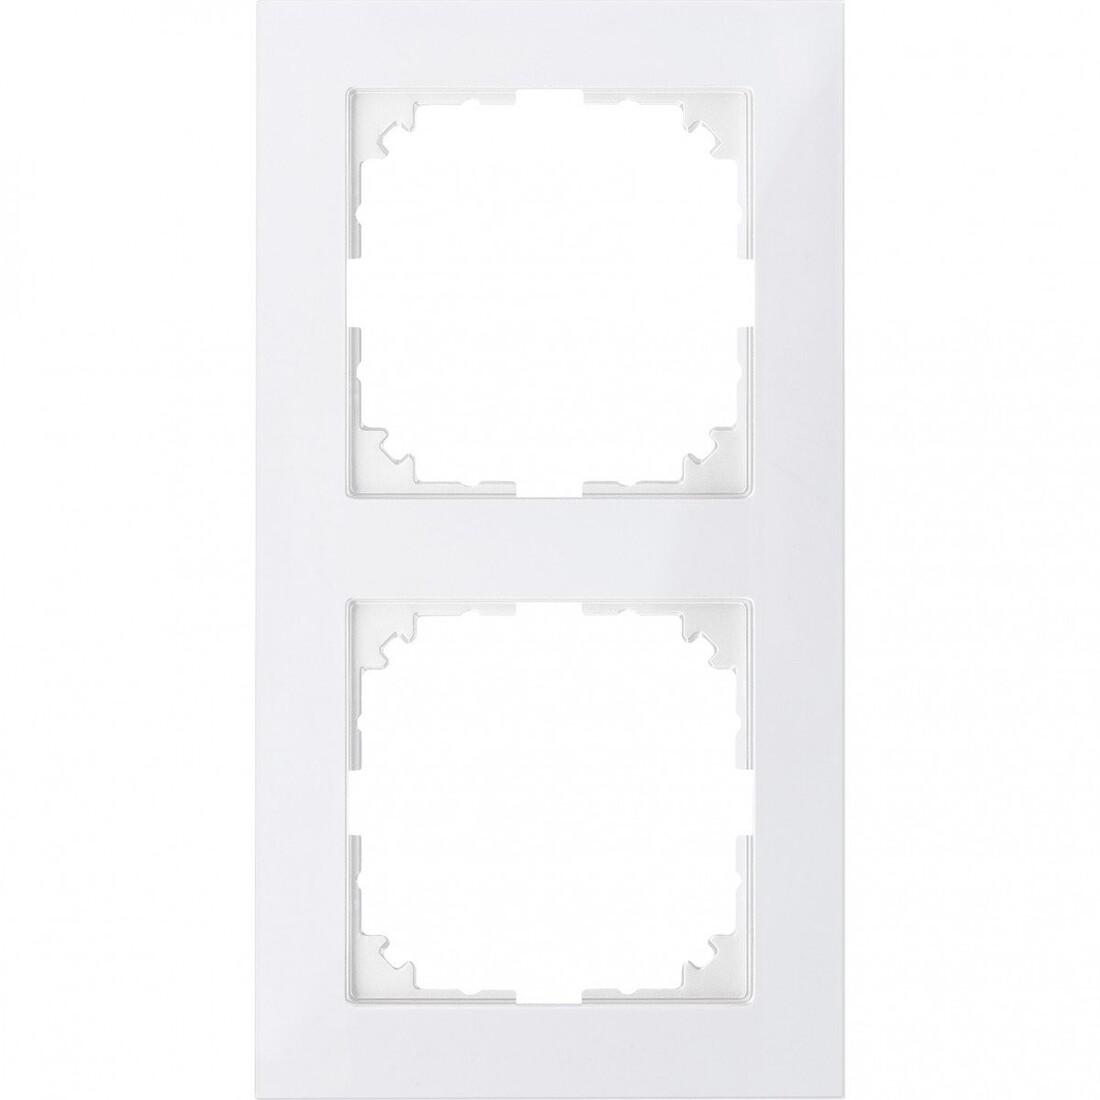 Schneider Electric Merten M-Pure 2-voudig afdekraam - polarwit glanzend (MEG4020-3619)